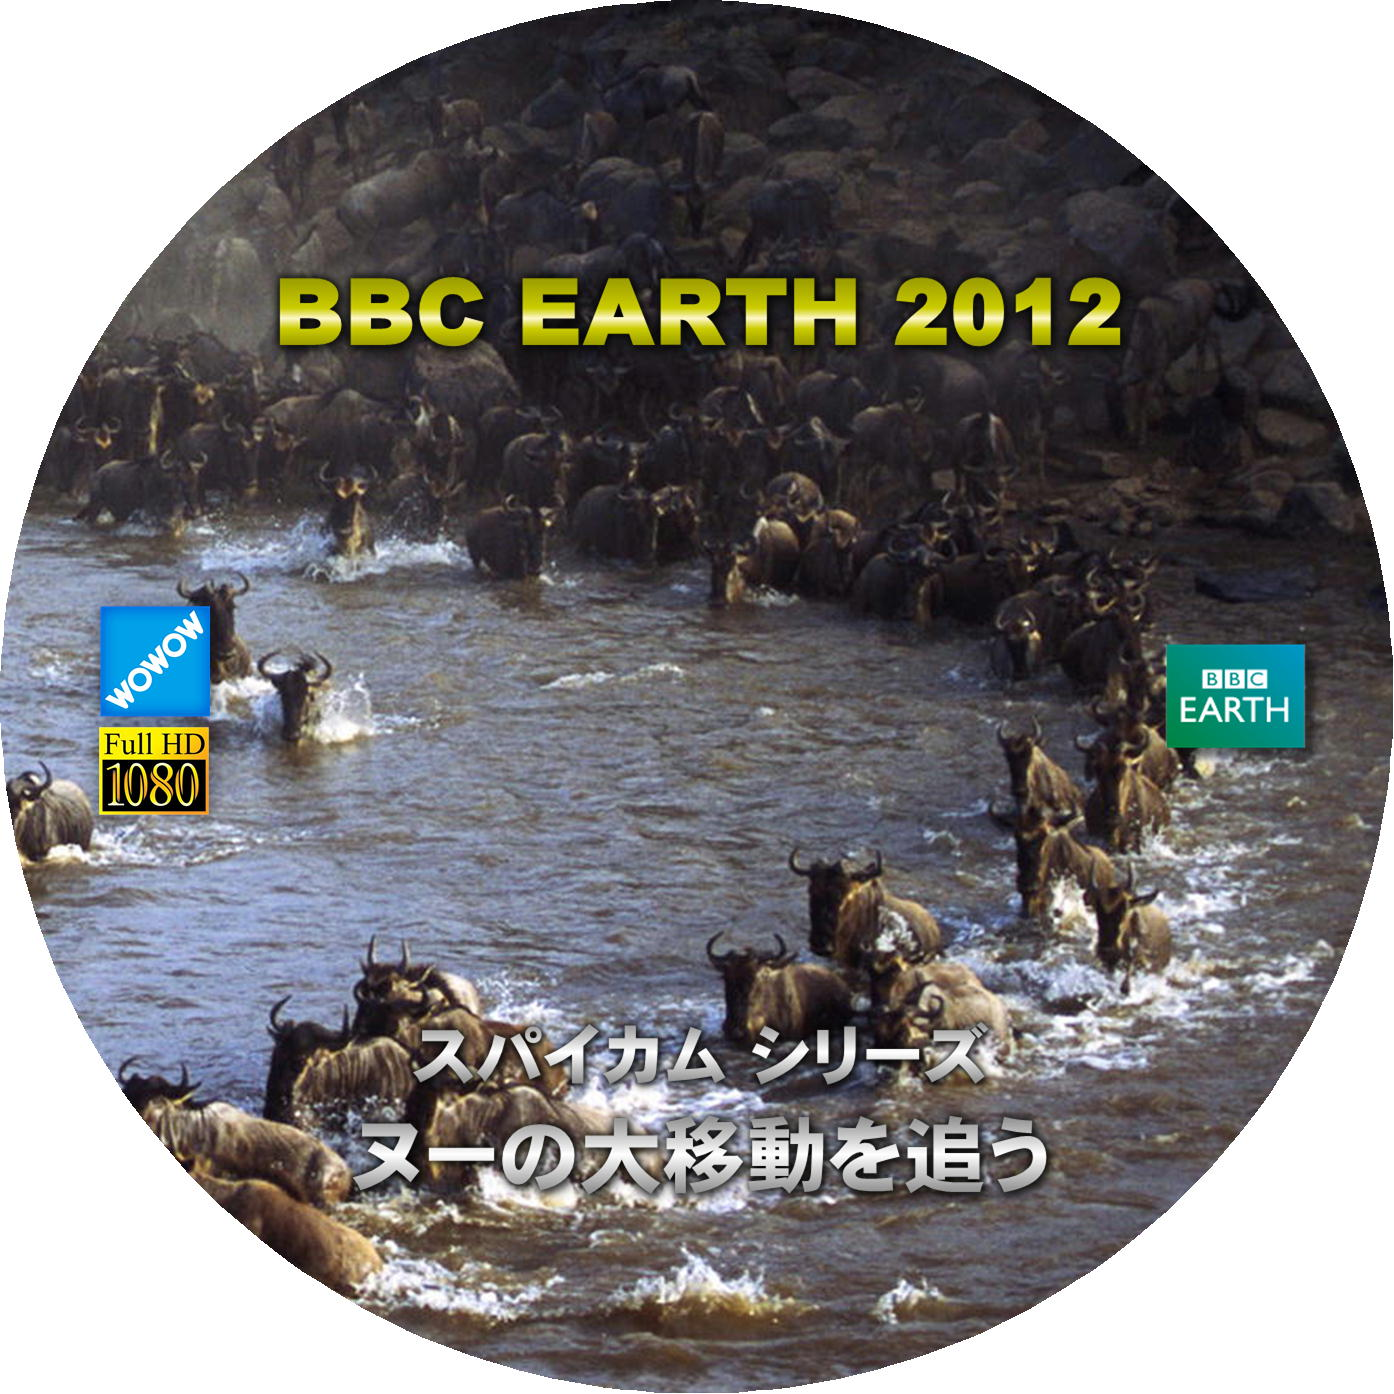 BBC EARTH 2012 ヌーの大移動を追う DVDラベル